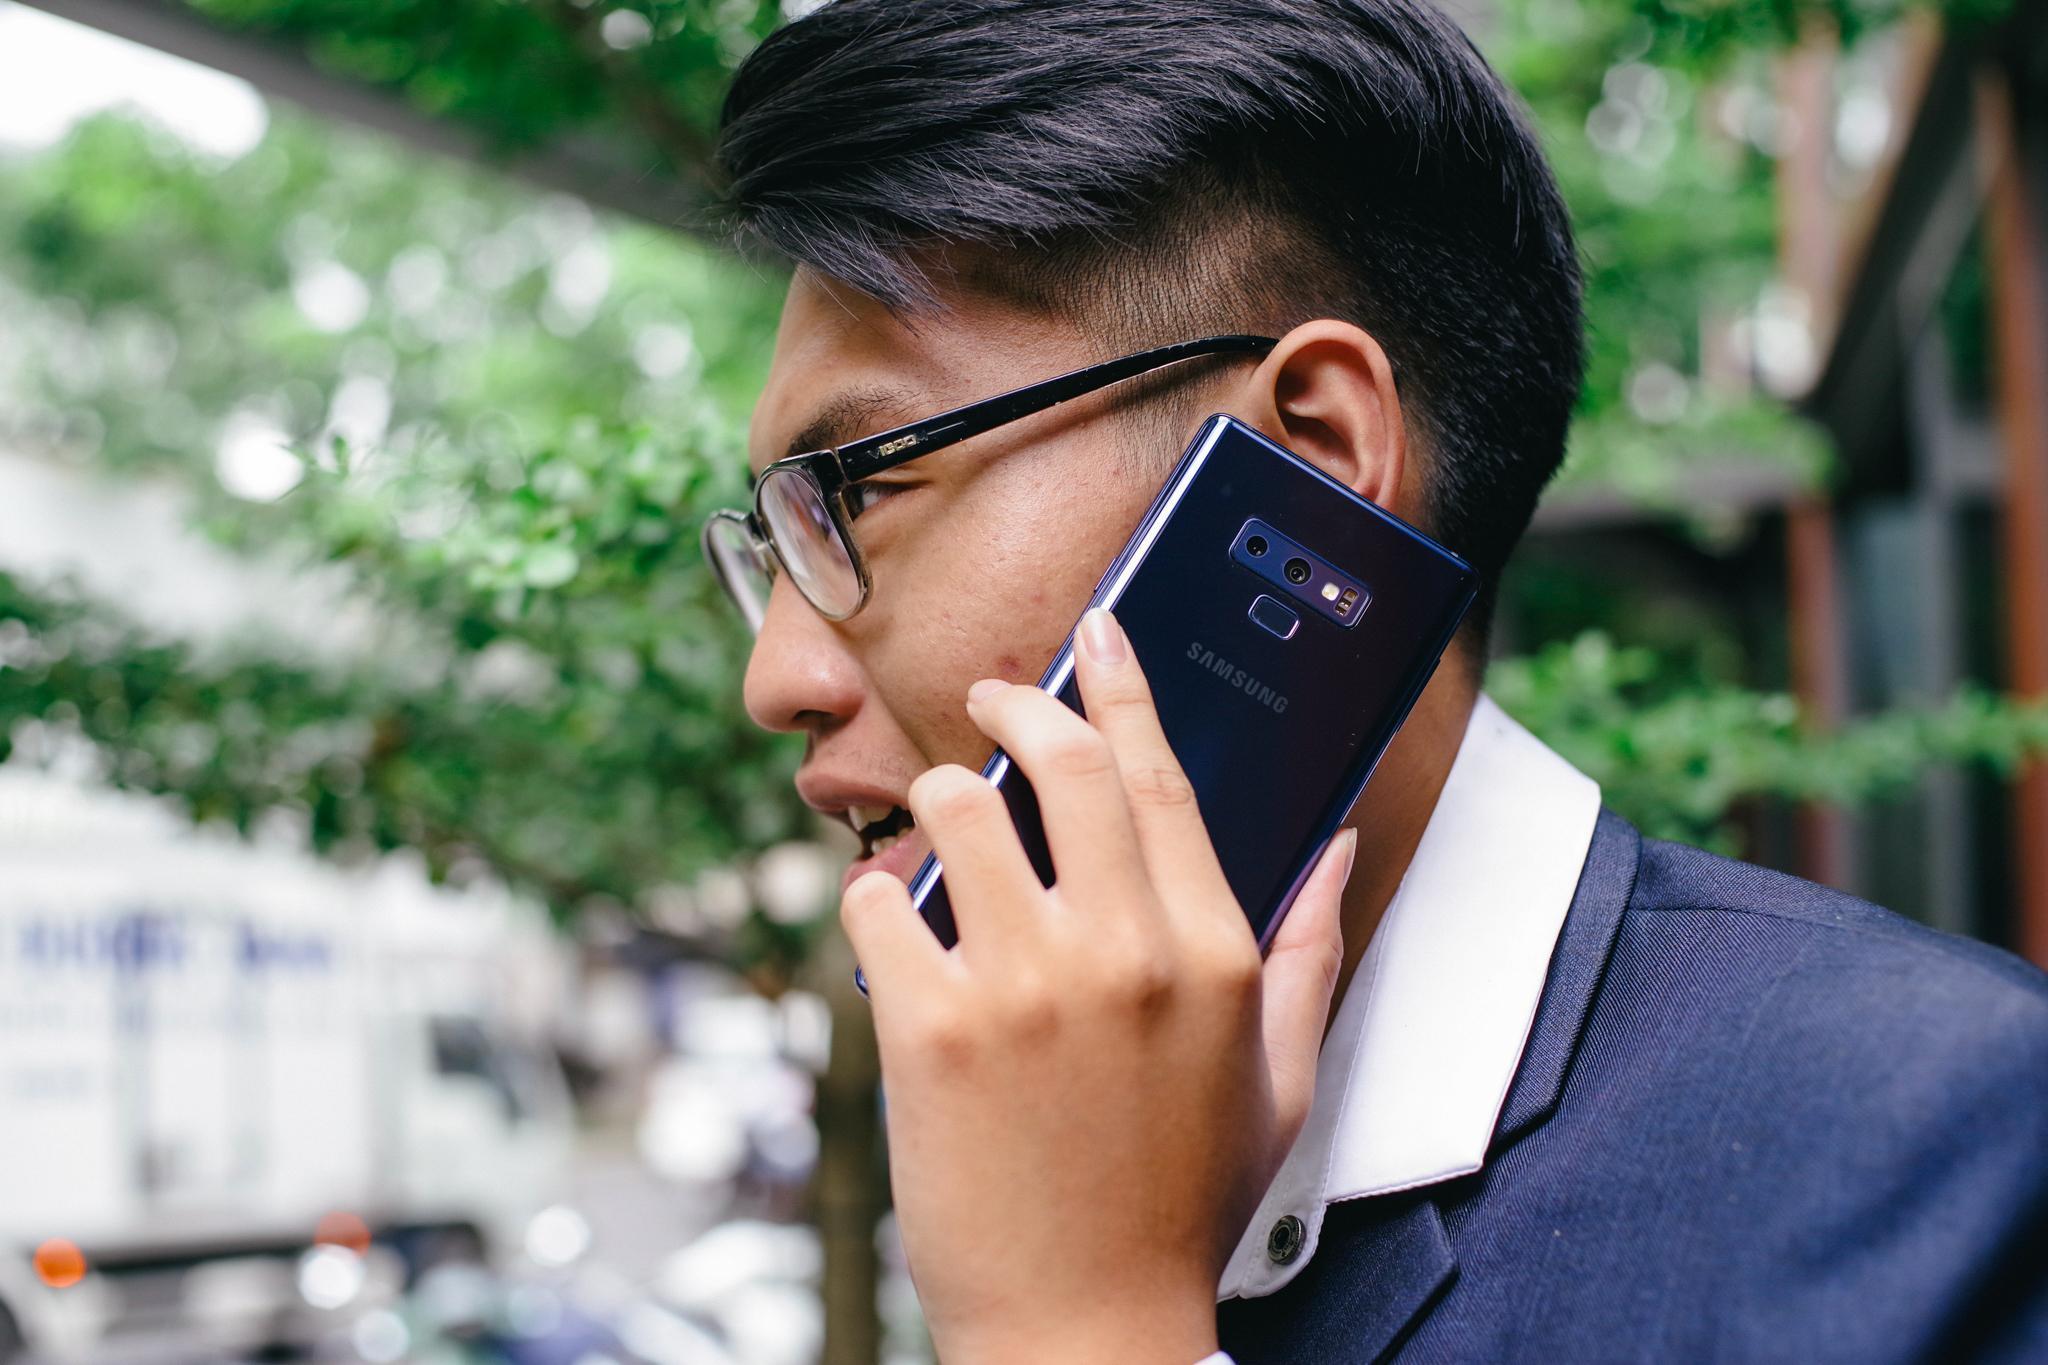 Không chỉ là điện thoại, Galaxy Note9 còn là công cụ tuyệt vời cho chàng trai này kiếm tiền hàng ngày - Ảnh 12.